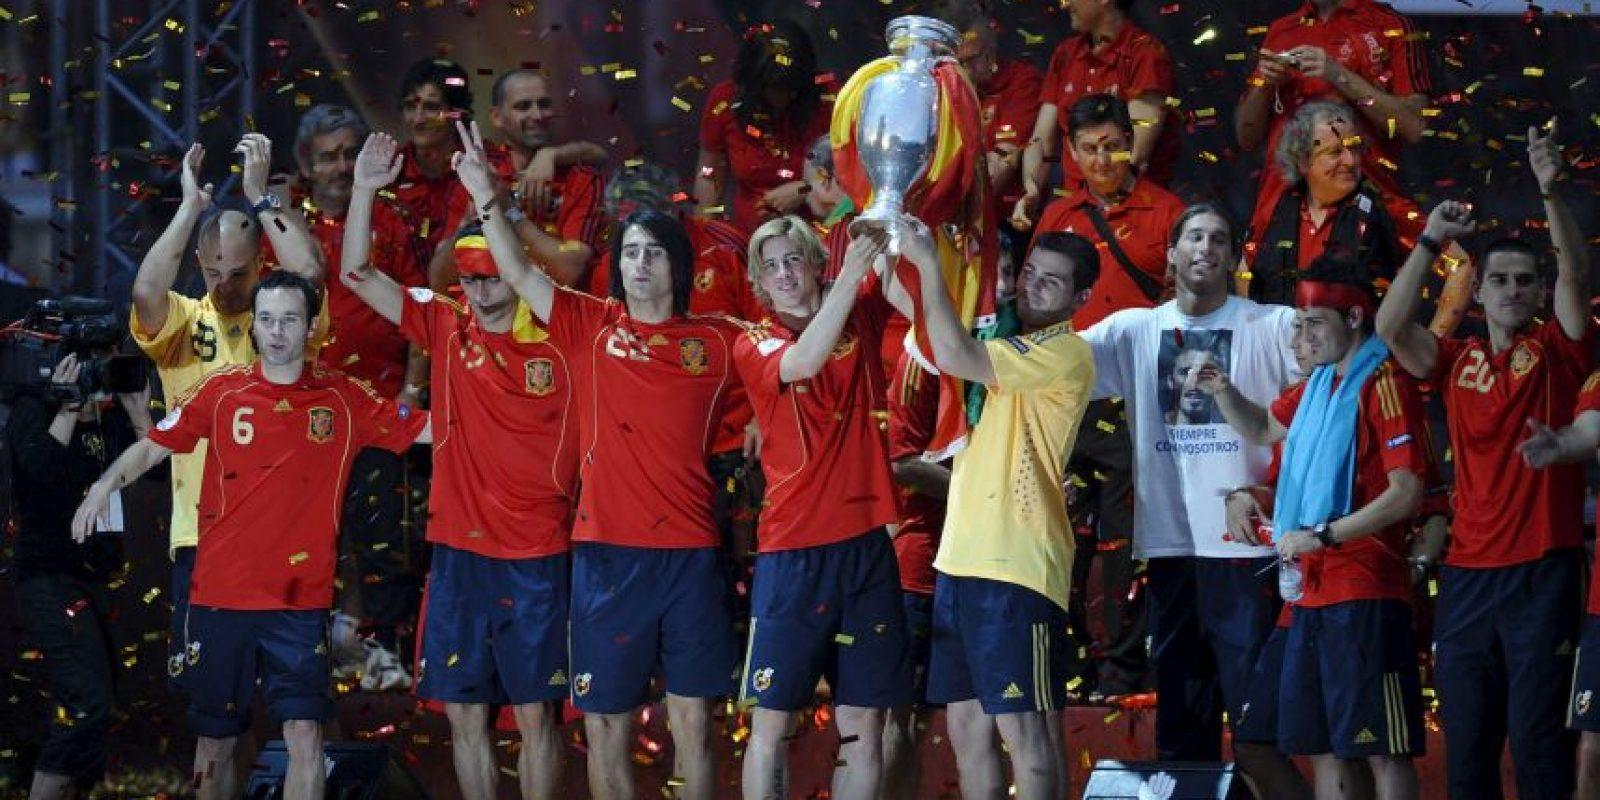 España, campeón de la Euro 2008 Foto:Getty Images